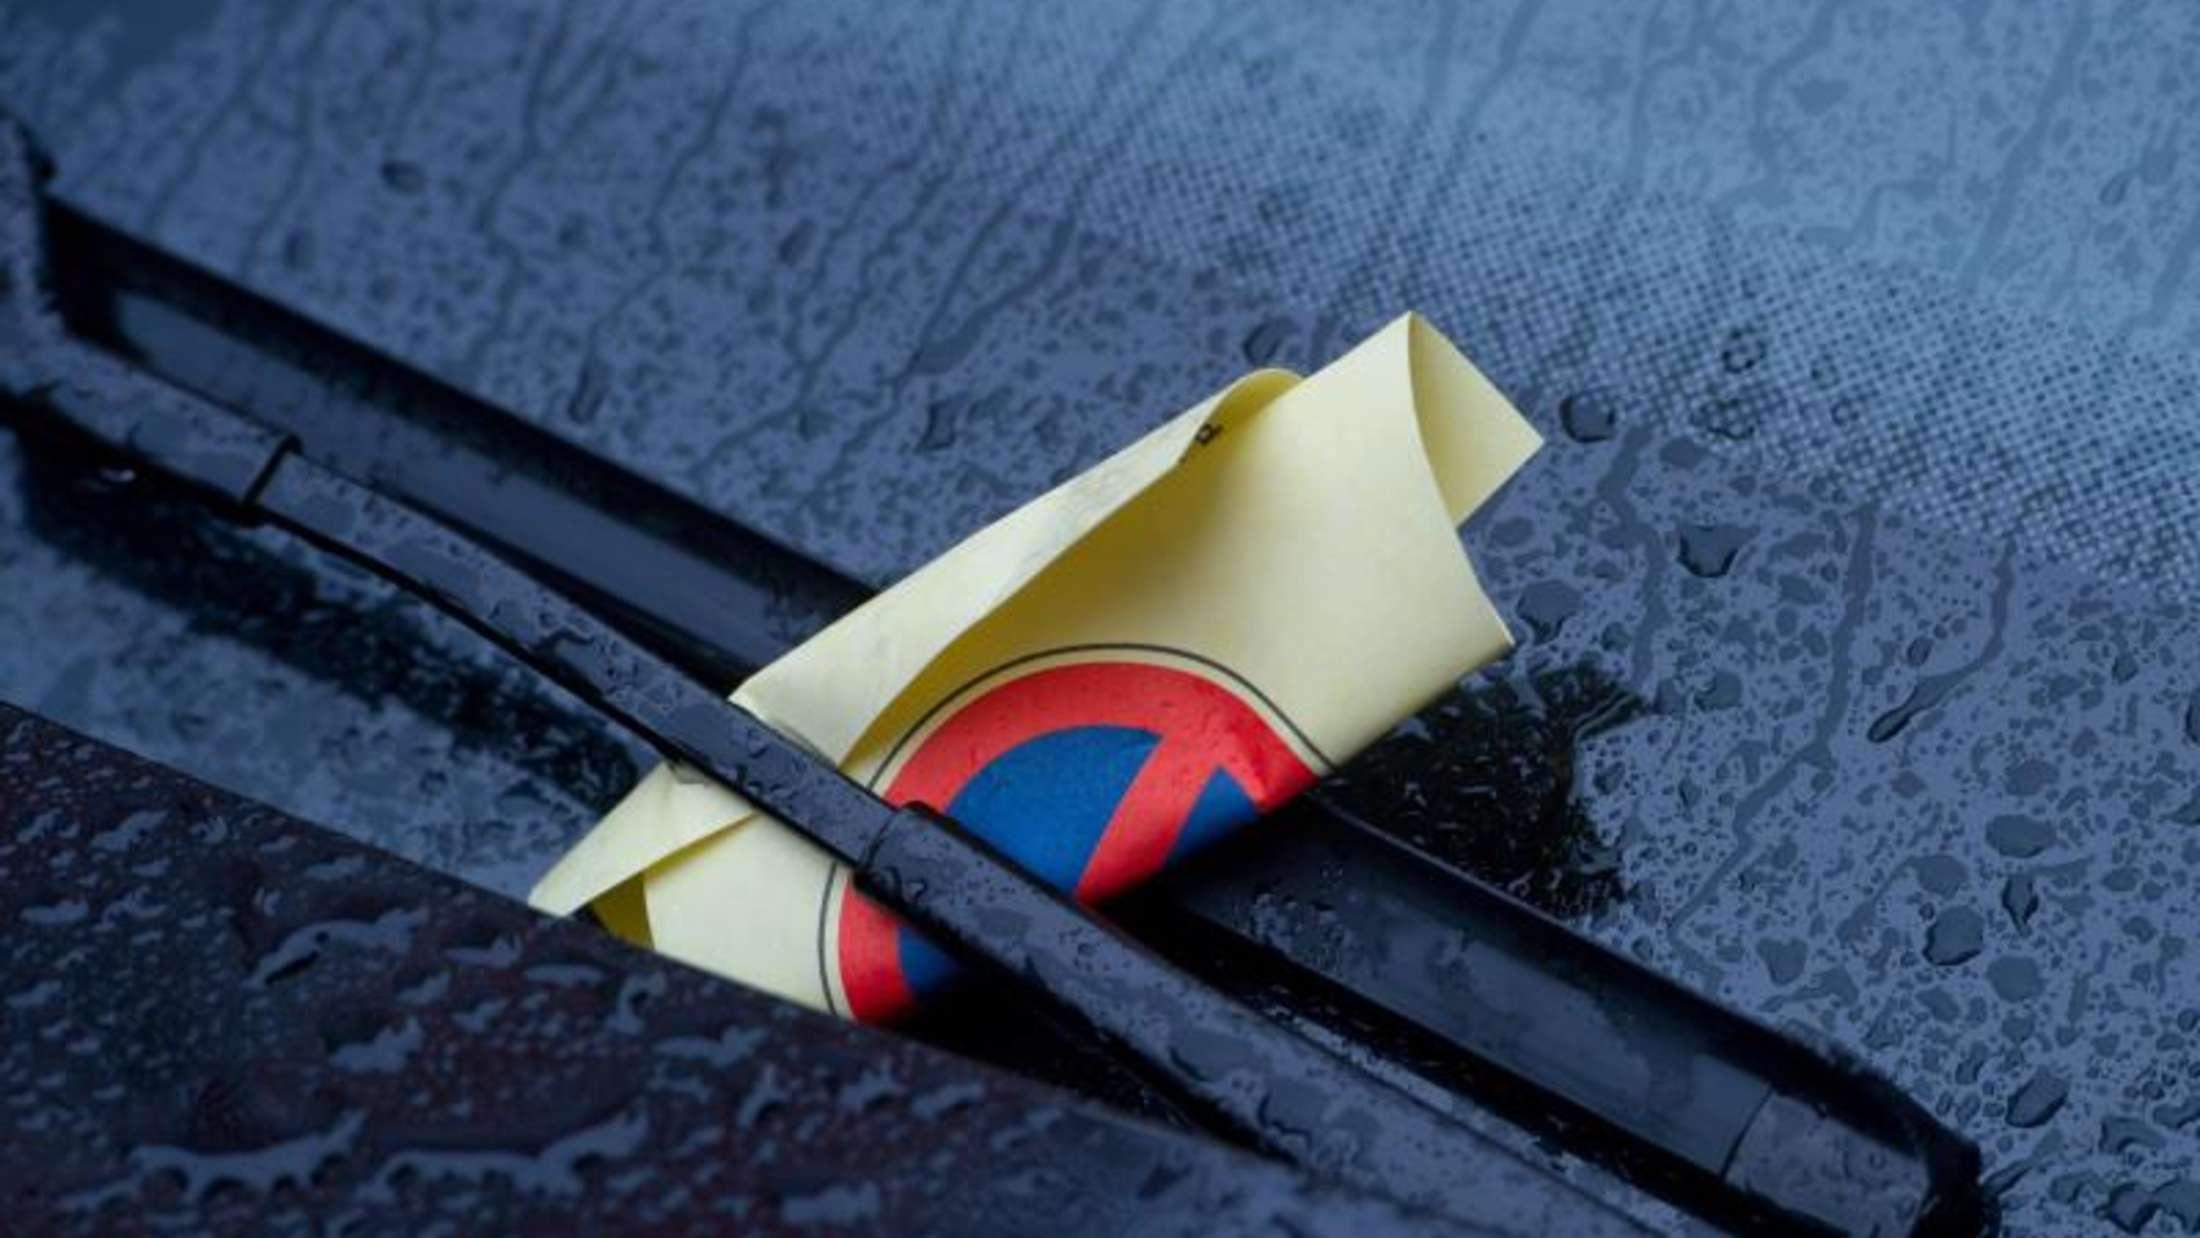 In Kreuzung geparkt: Fünf-Meter-Regel schützt vor Bußgeld ...